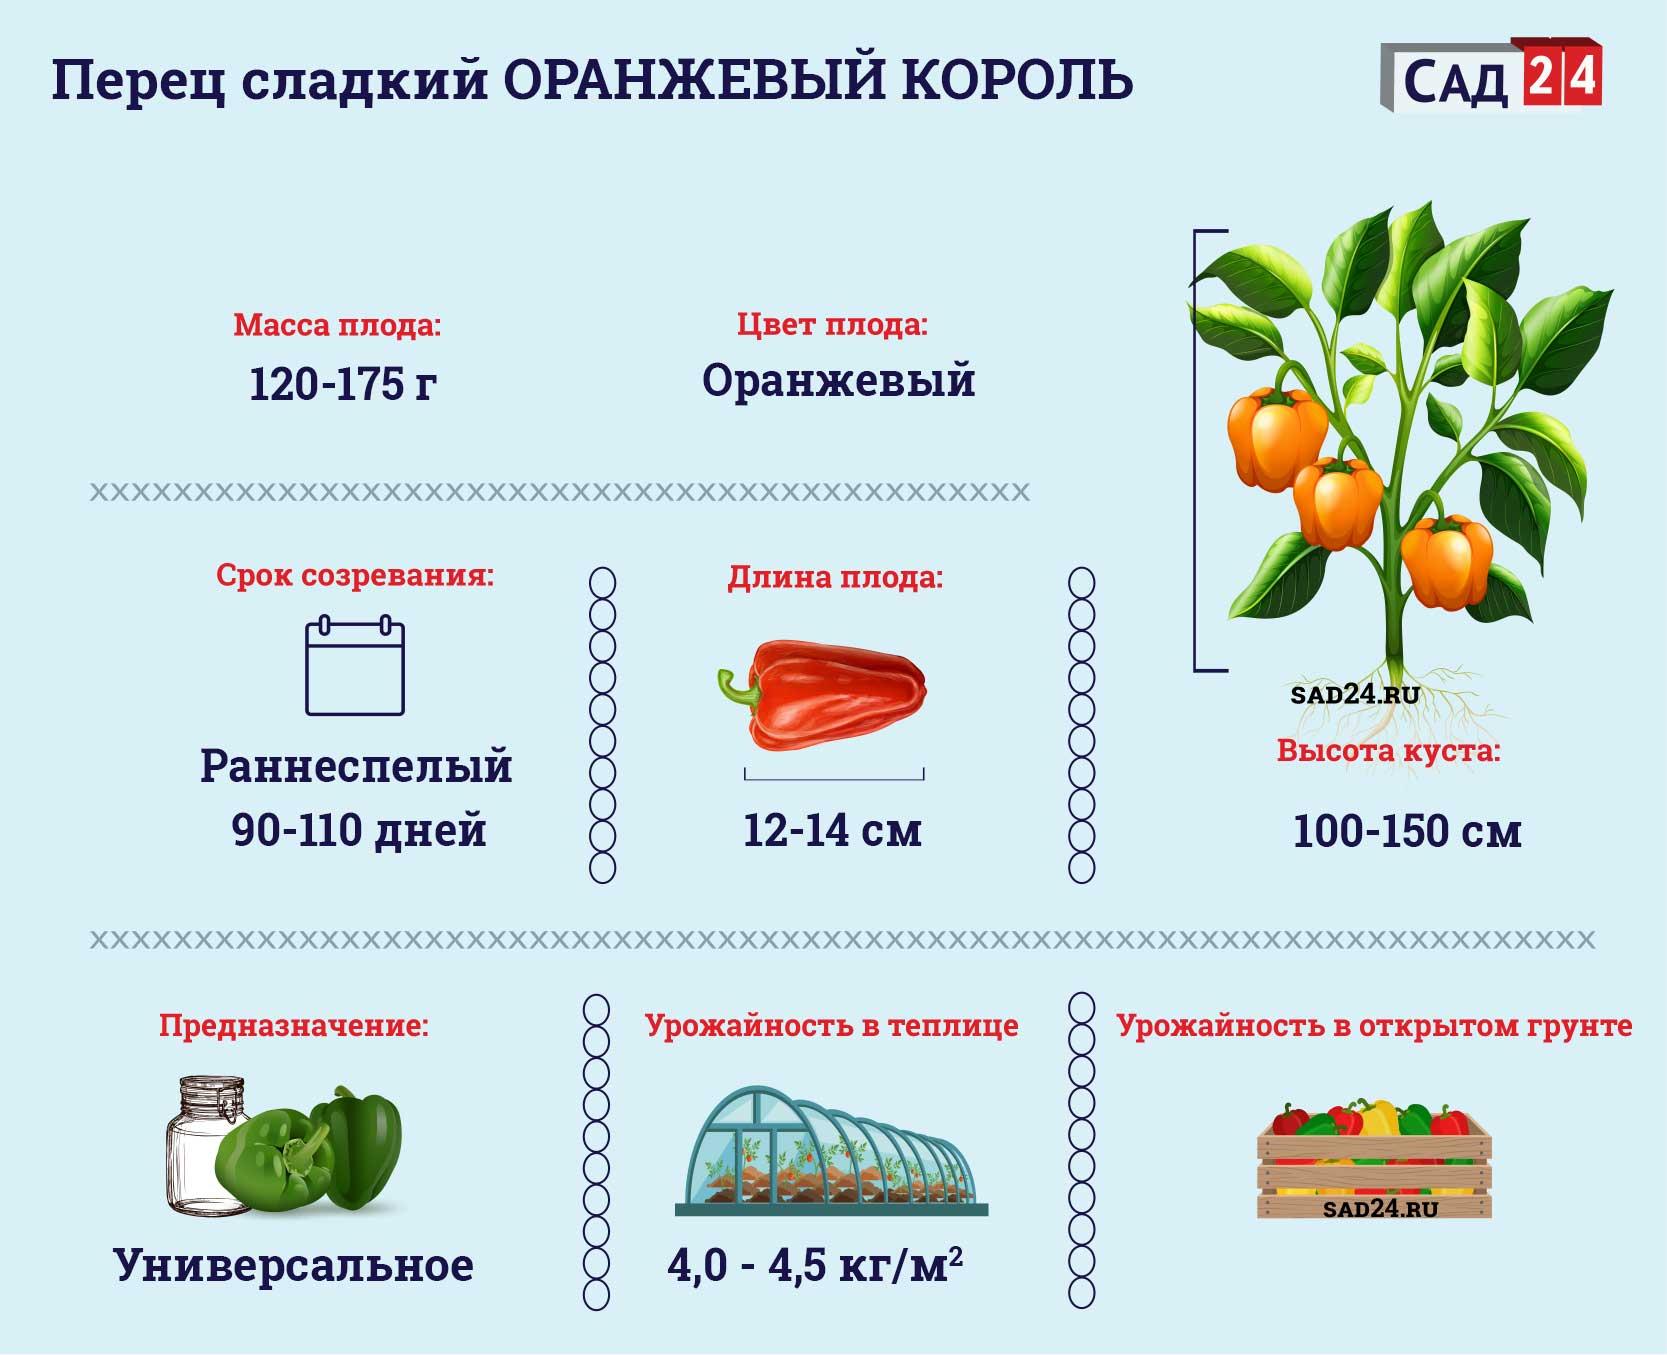 Оранжевый король https://sad24.ru